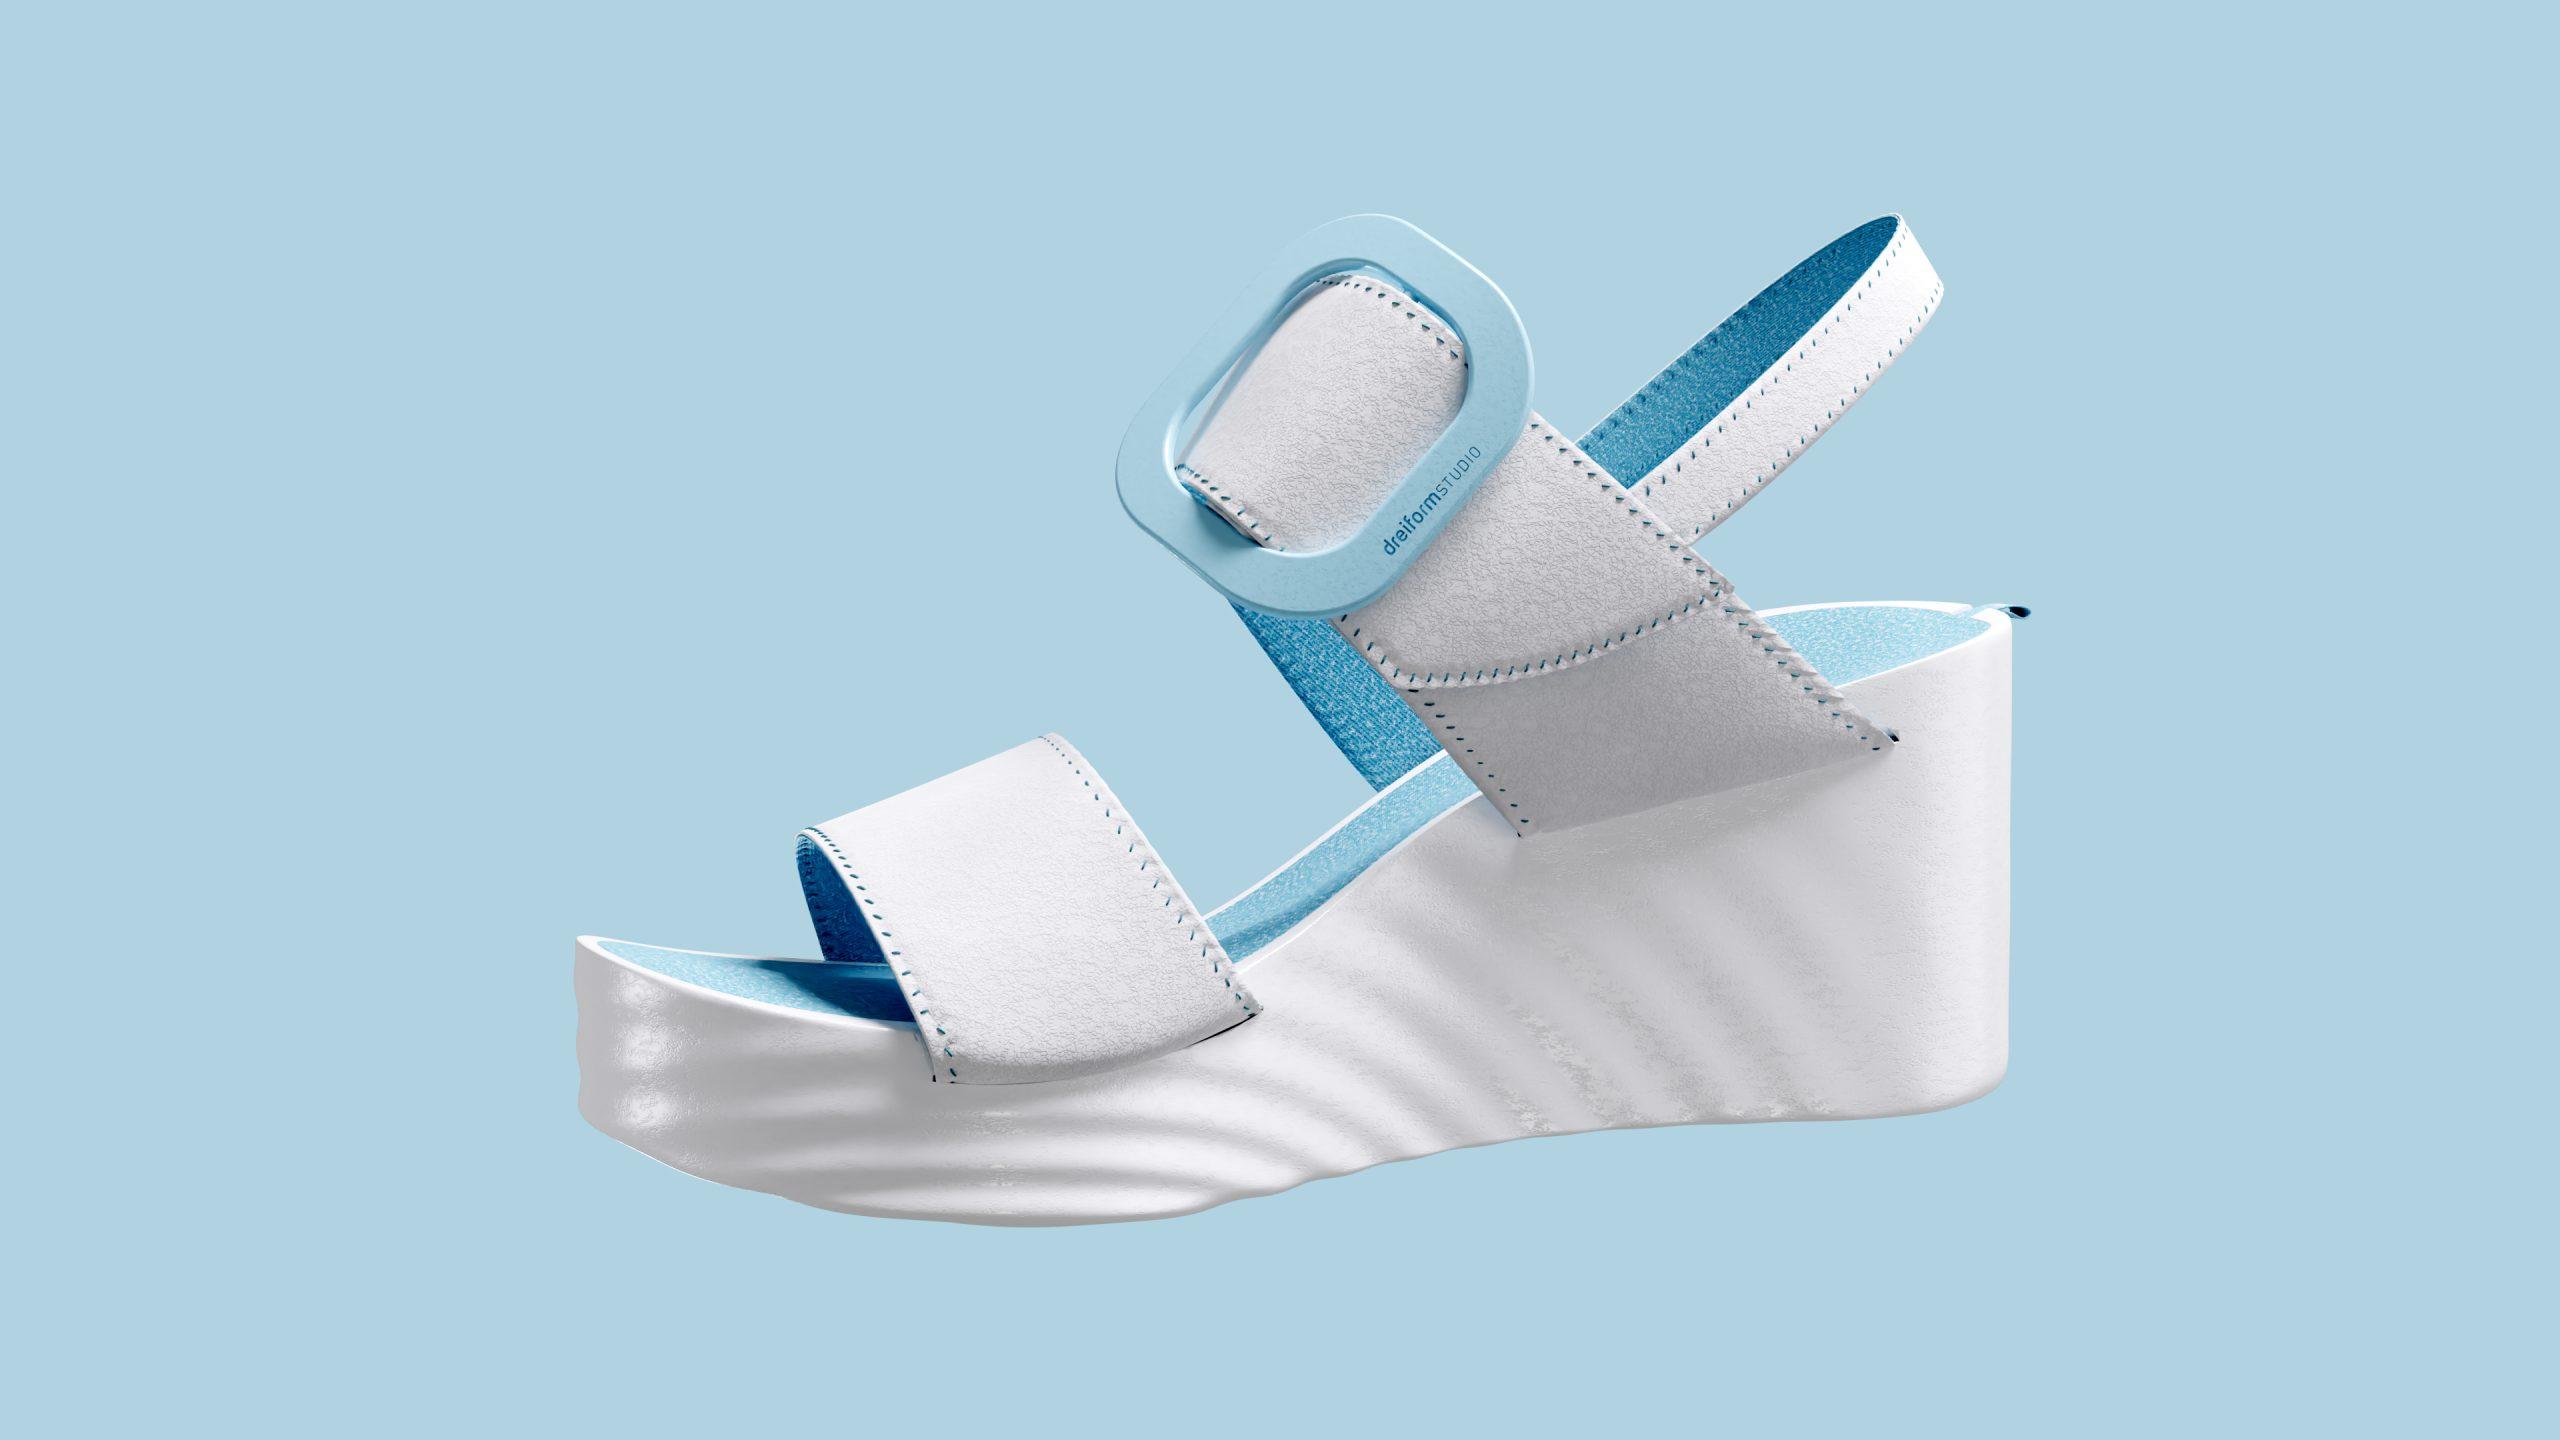 dreiformstudio white concept wedge sandals on blue background, view: side